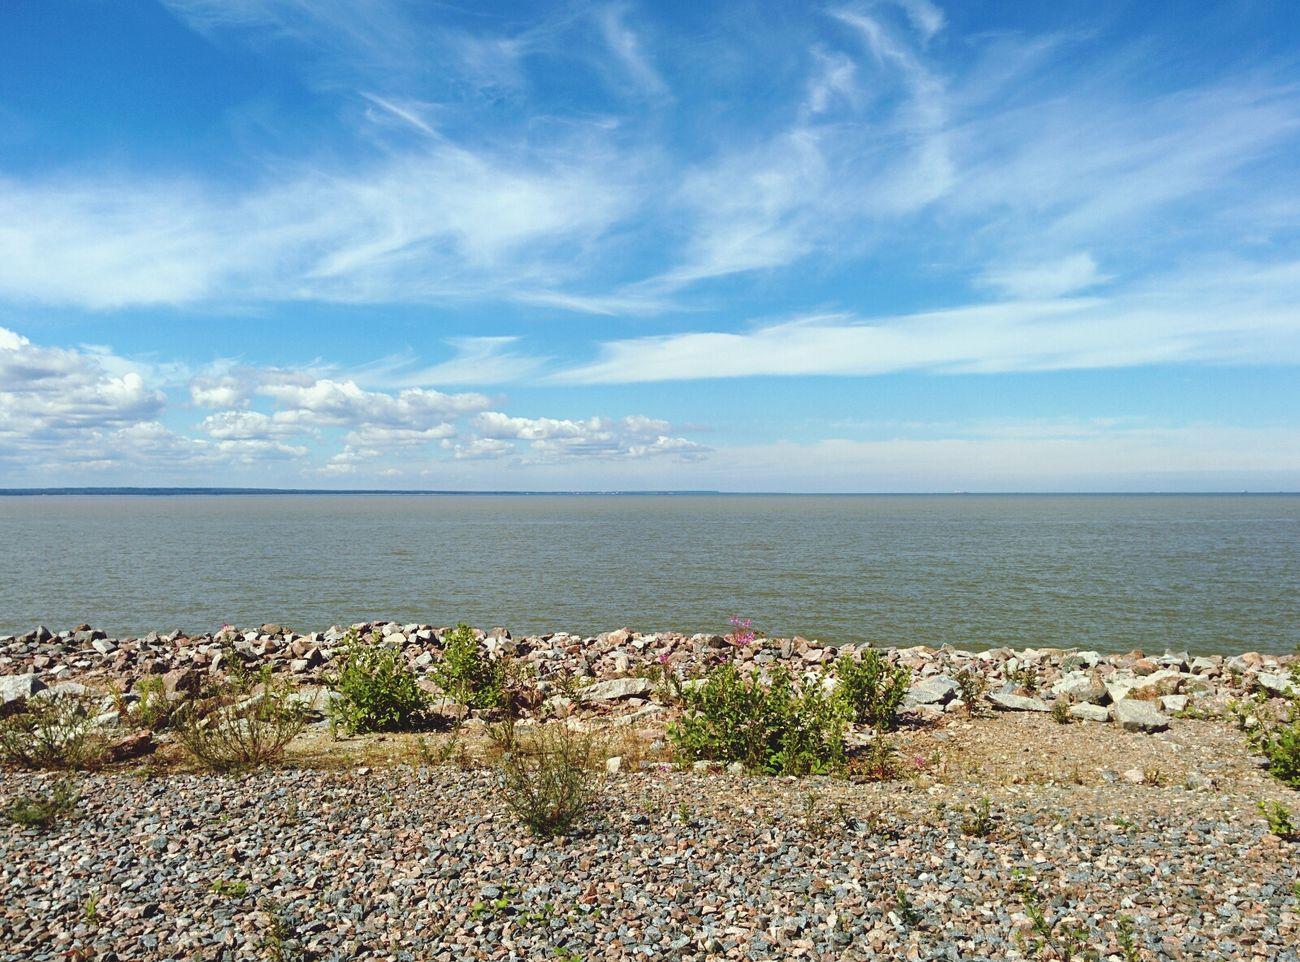 Финский залив Sankt-peterburg Спб